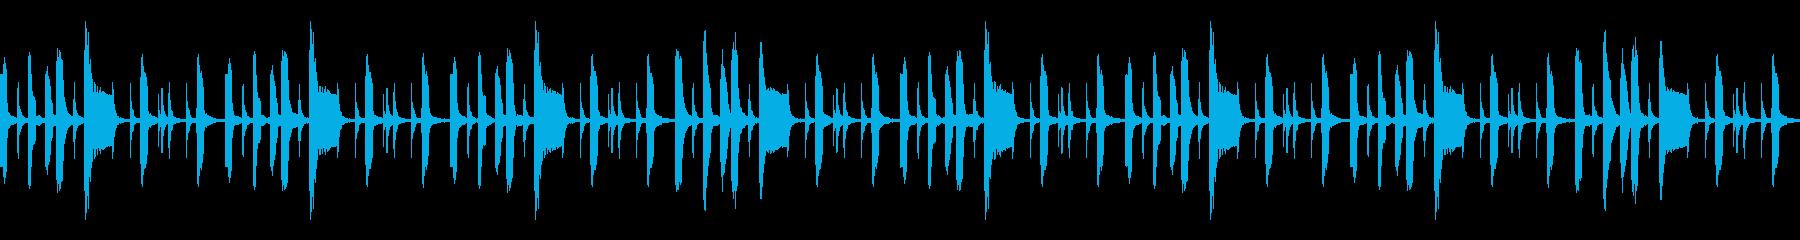 日常的なシーンに合いそうなほのぼのBGMの再生済みの波形